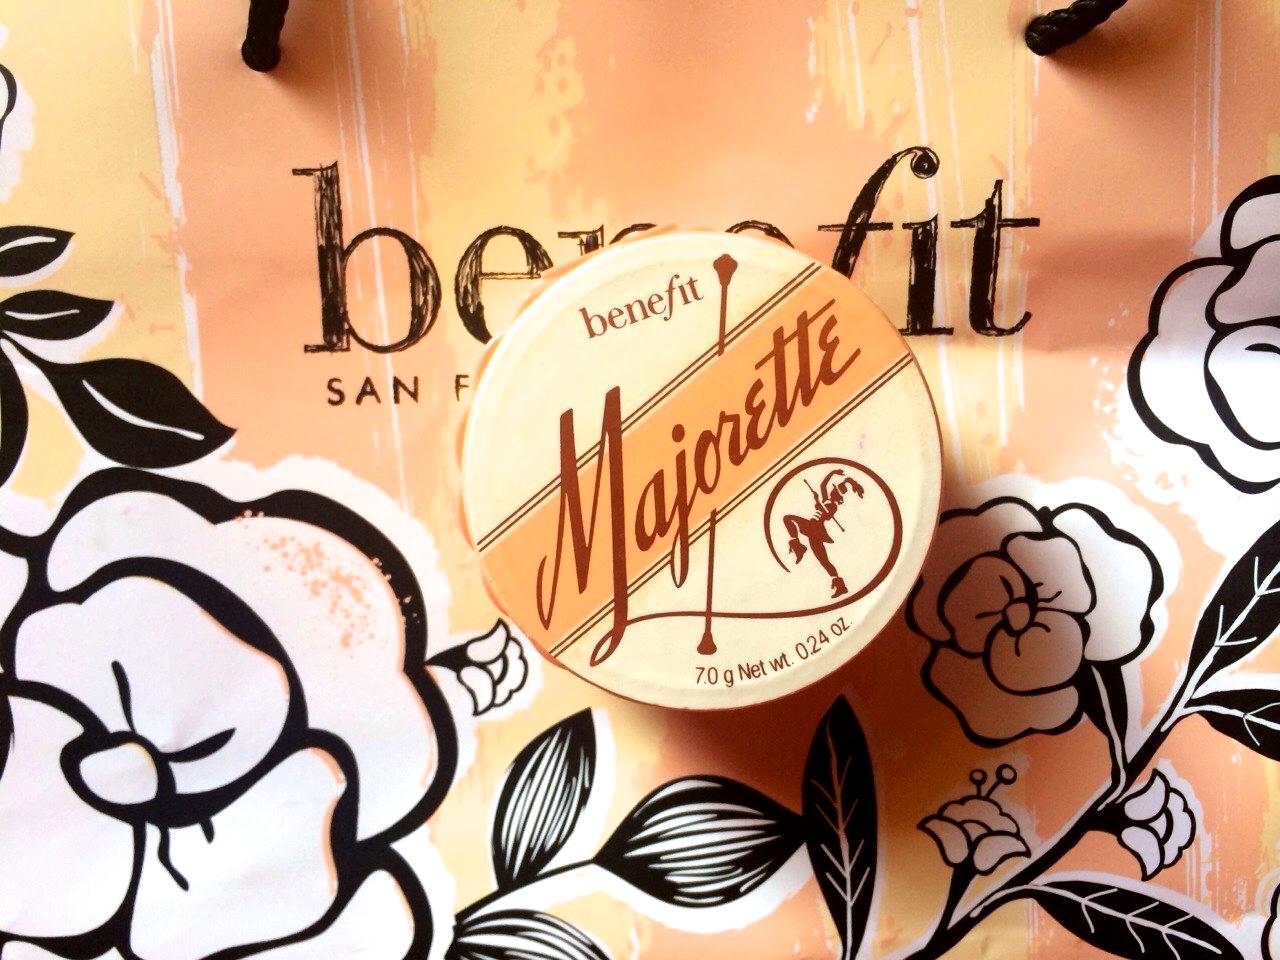 Benefit Majorette